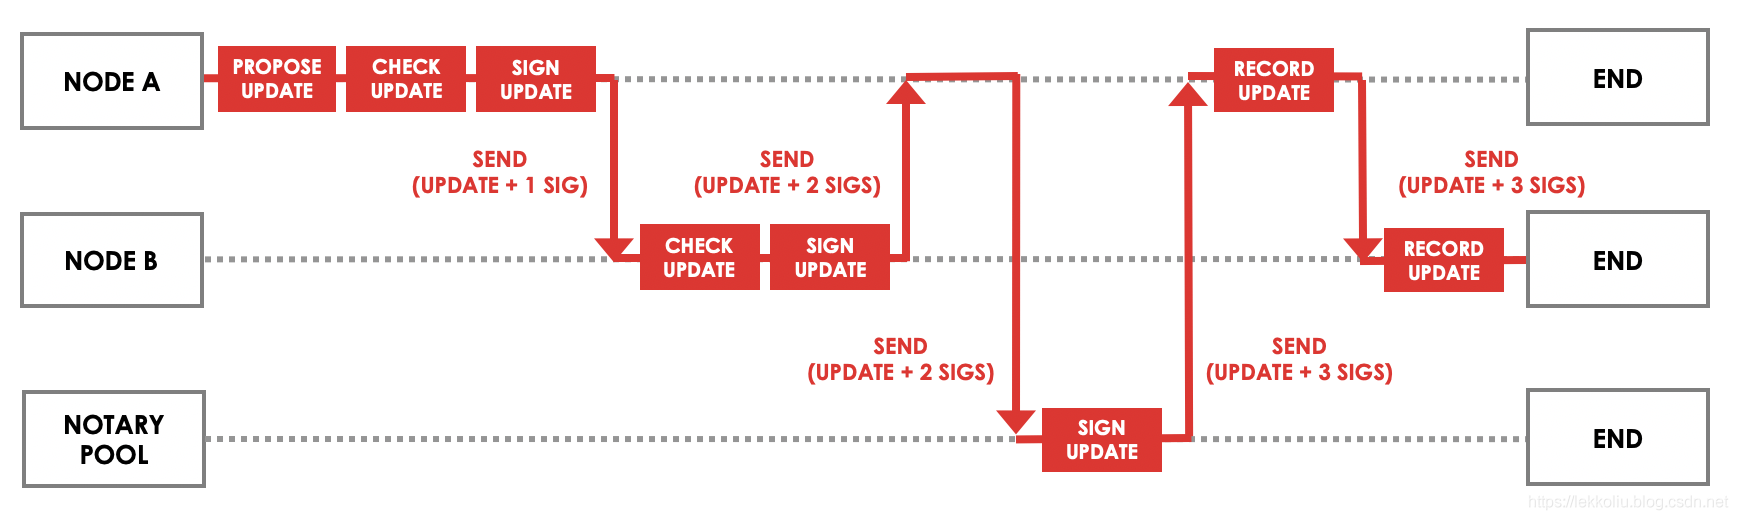 简易的业务流程图